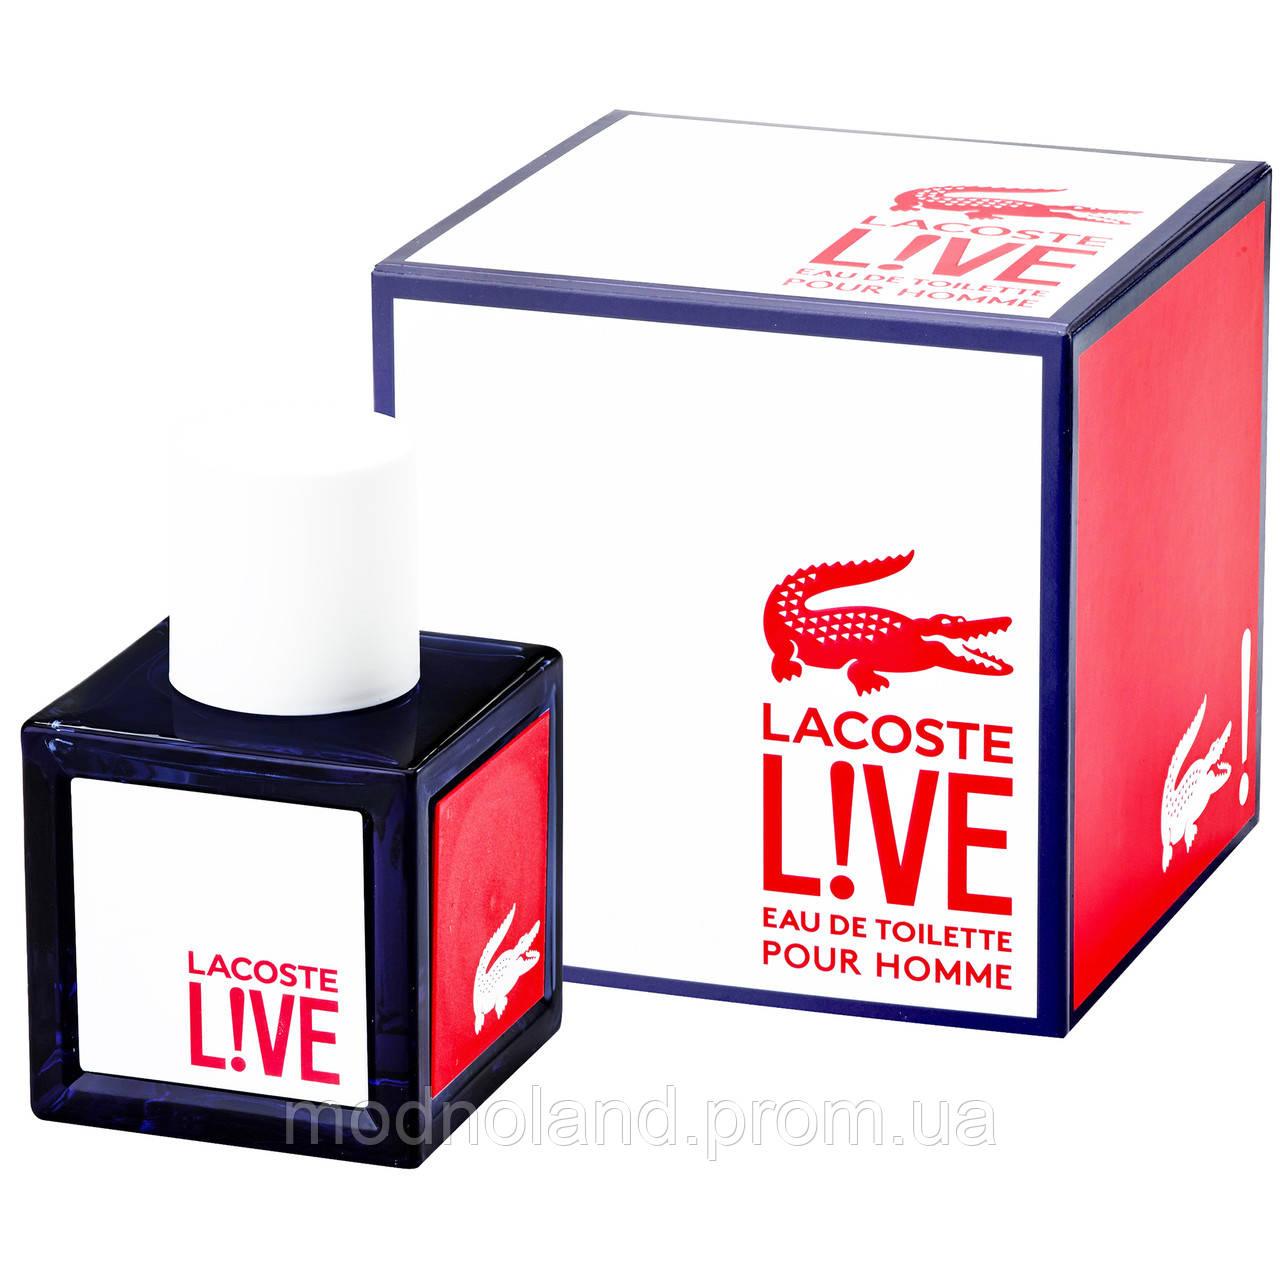 Мужская туалетная вода Lacoste Live 100 ml (Лакост Лайв) -